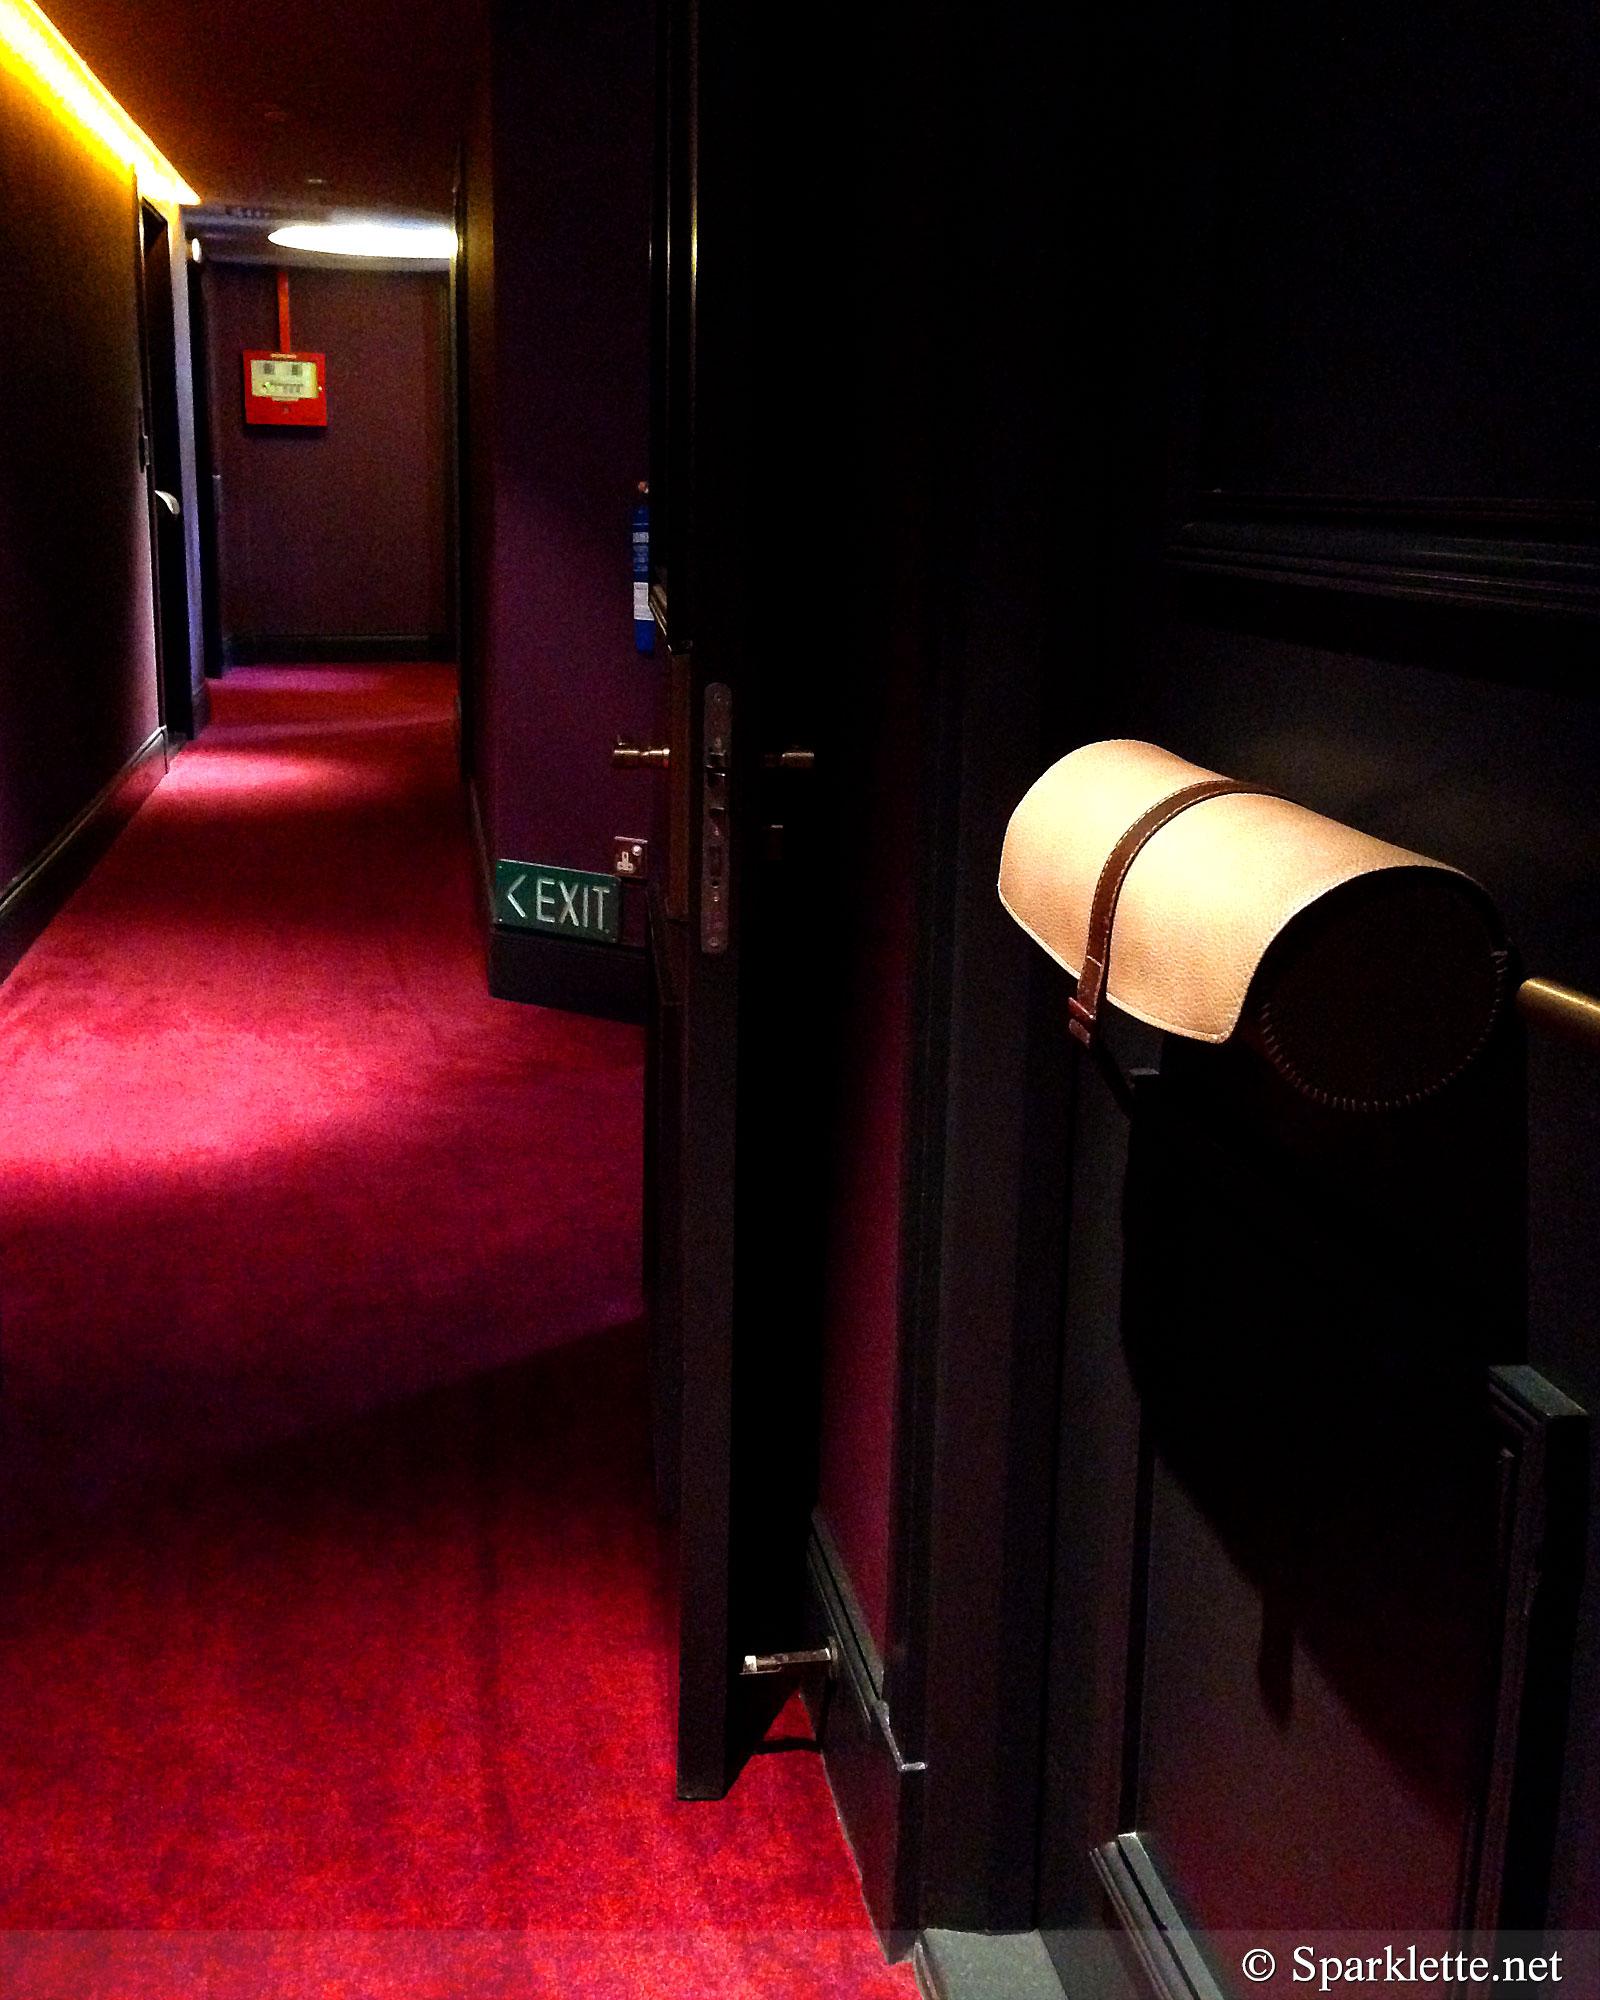 The Scarlet Hotel Corridor